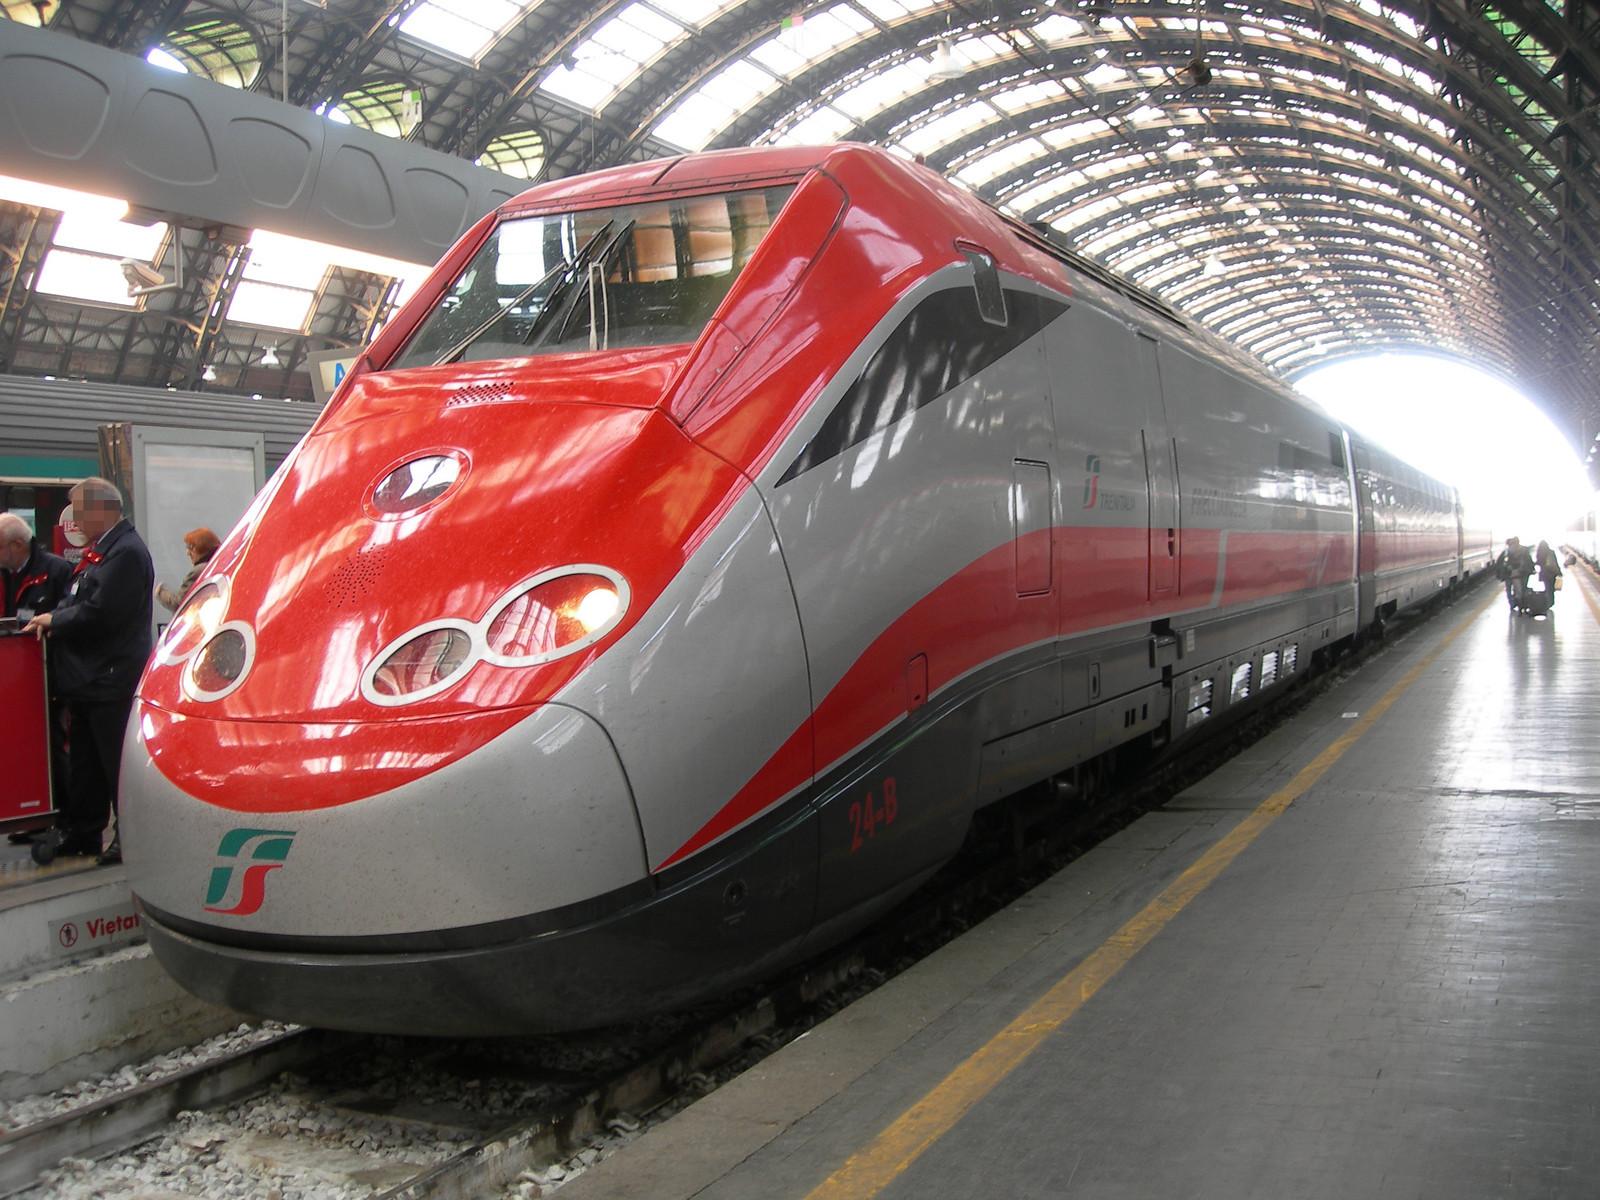 26-27 novembre, disagi per i treni regionali